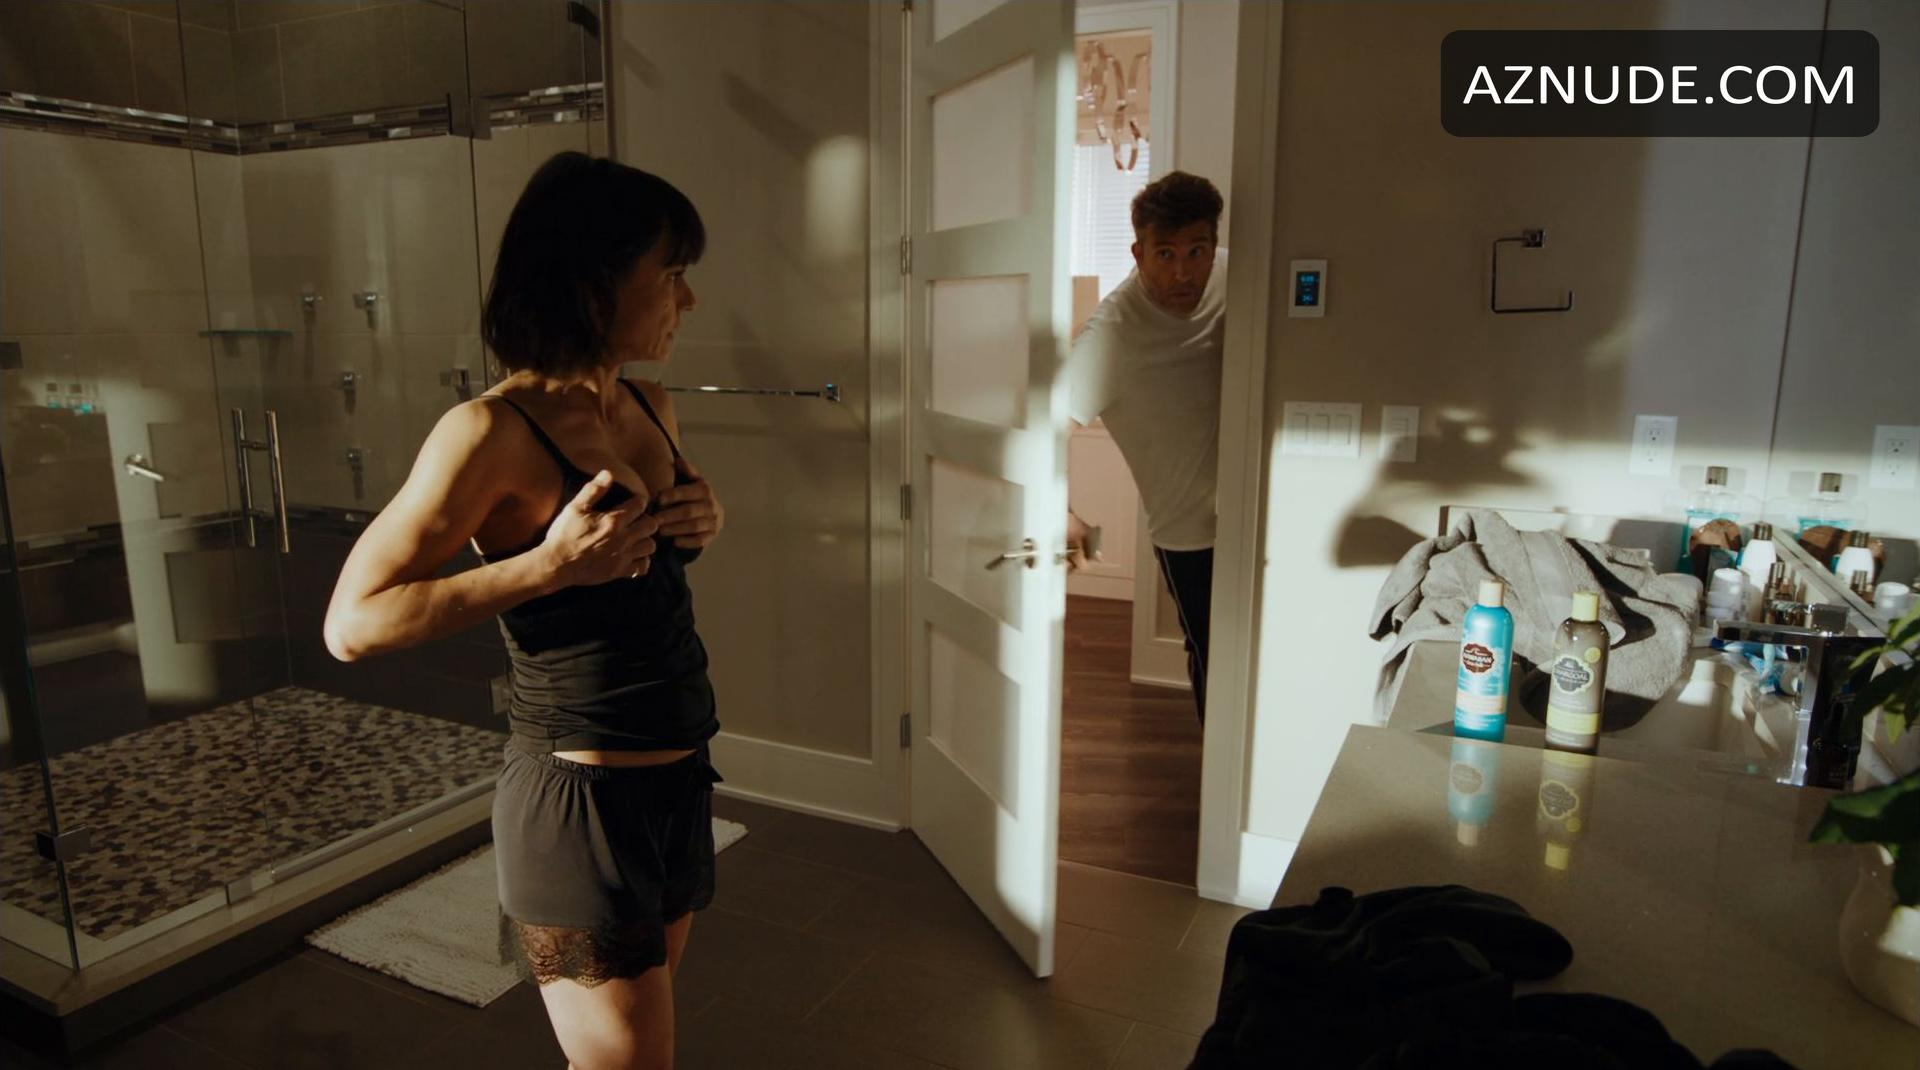 Hots Nude Constance Zimmer Scenes